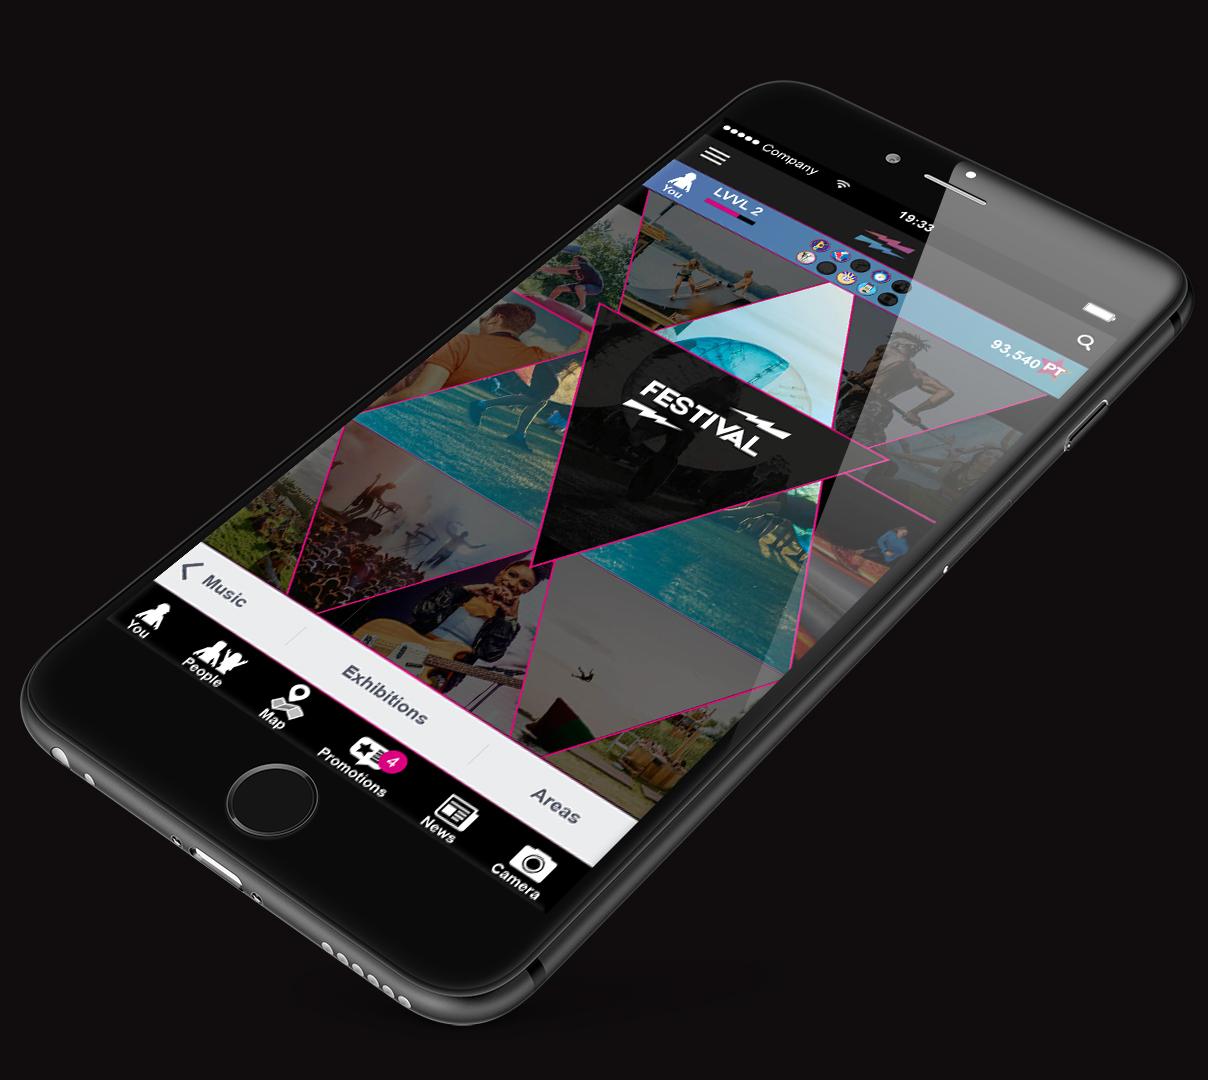 LEVVEL iPhone_app festival.jpg